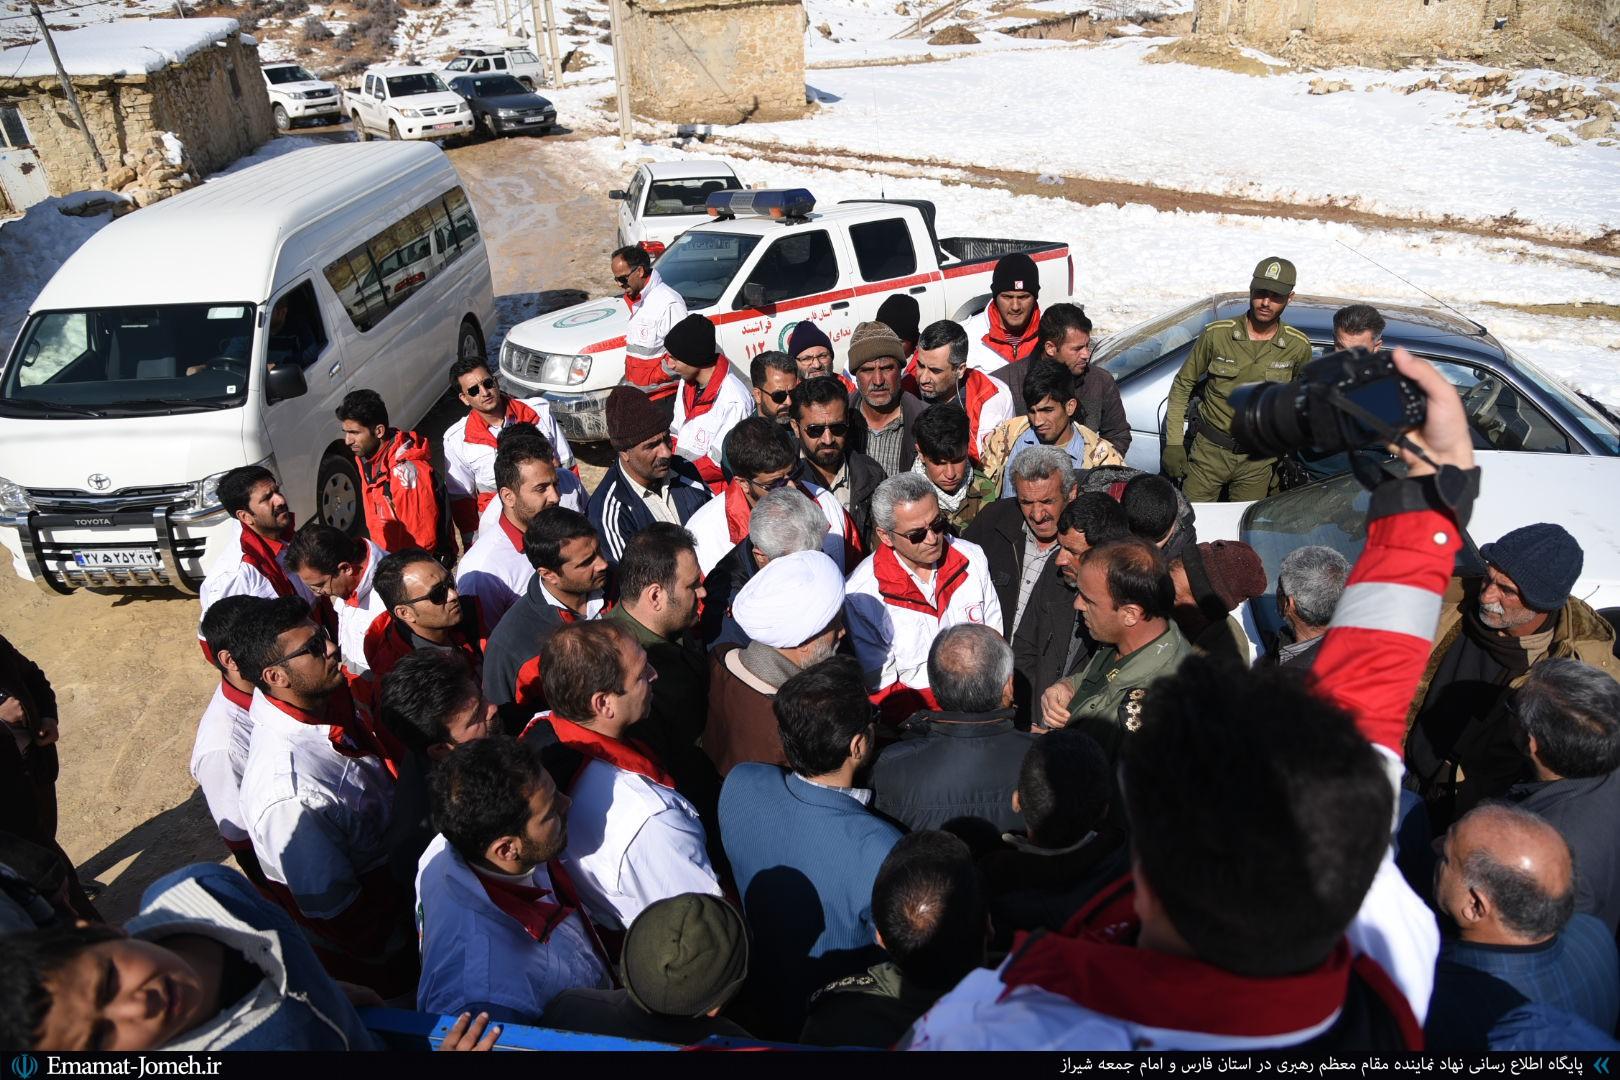 بازدید امام جمعه شیراز از مناطق زلزلهزده خانهزنیان